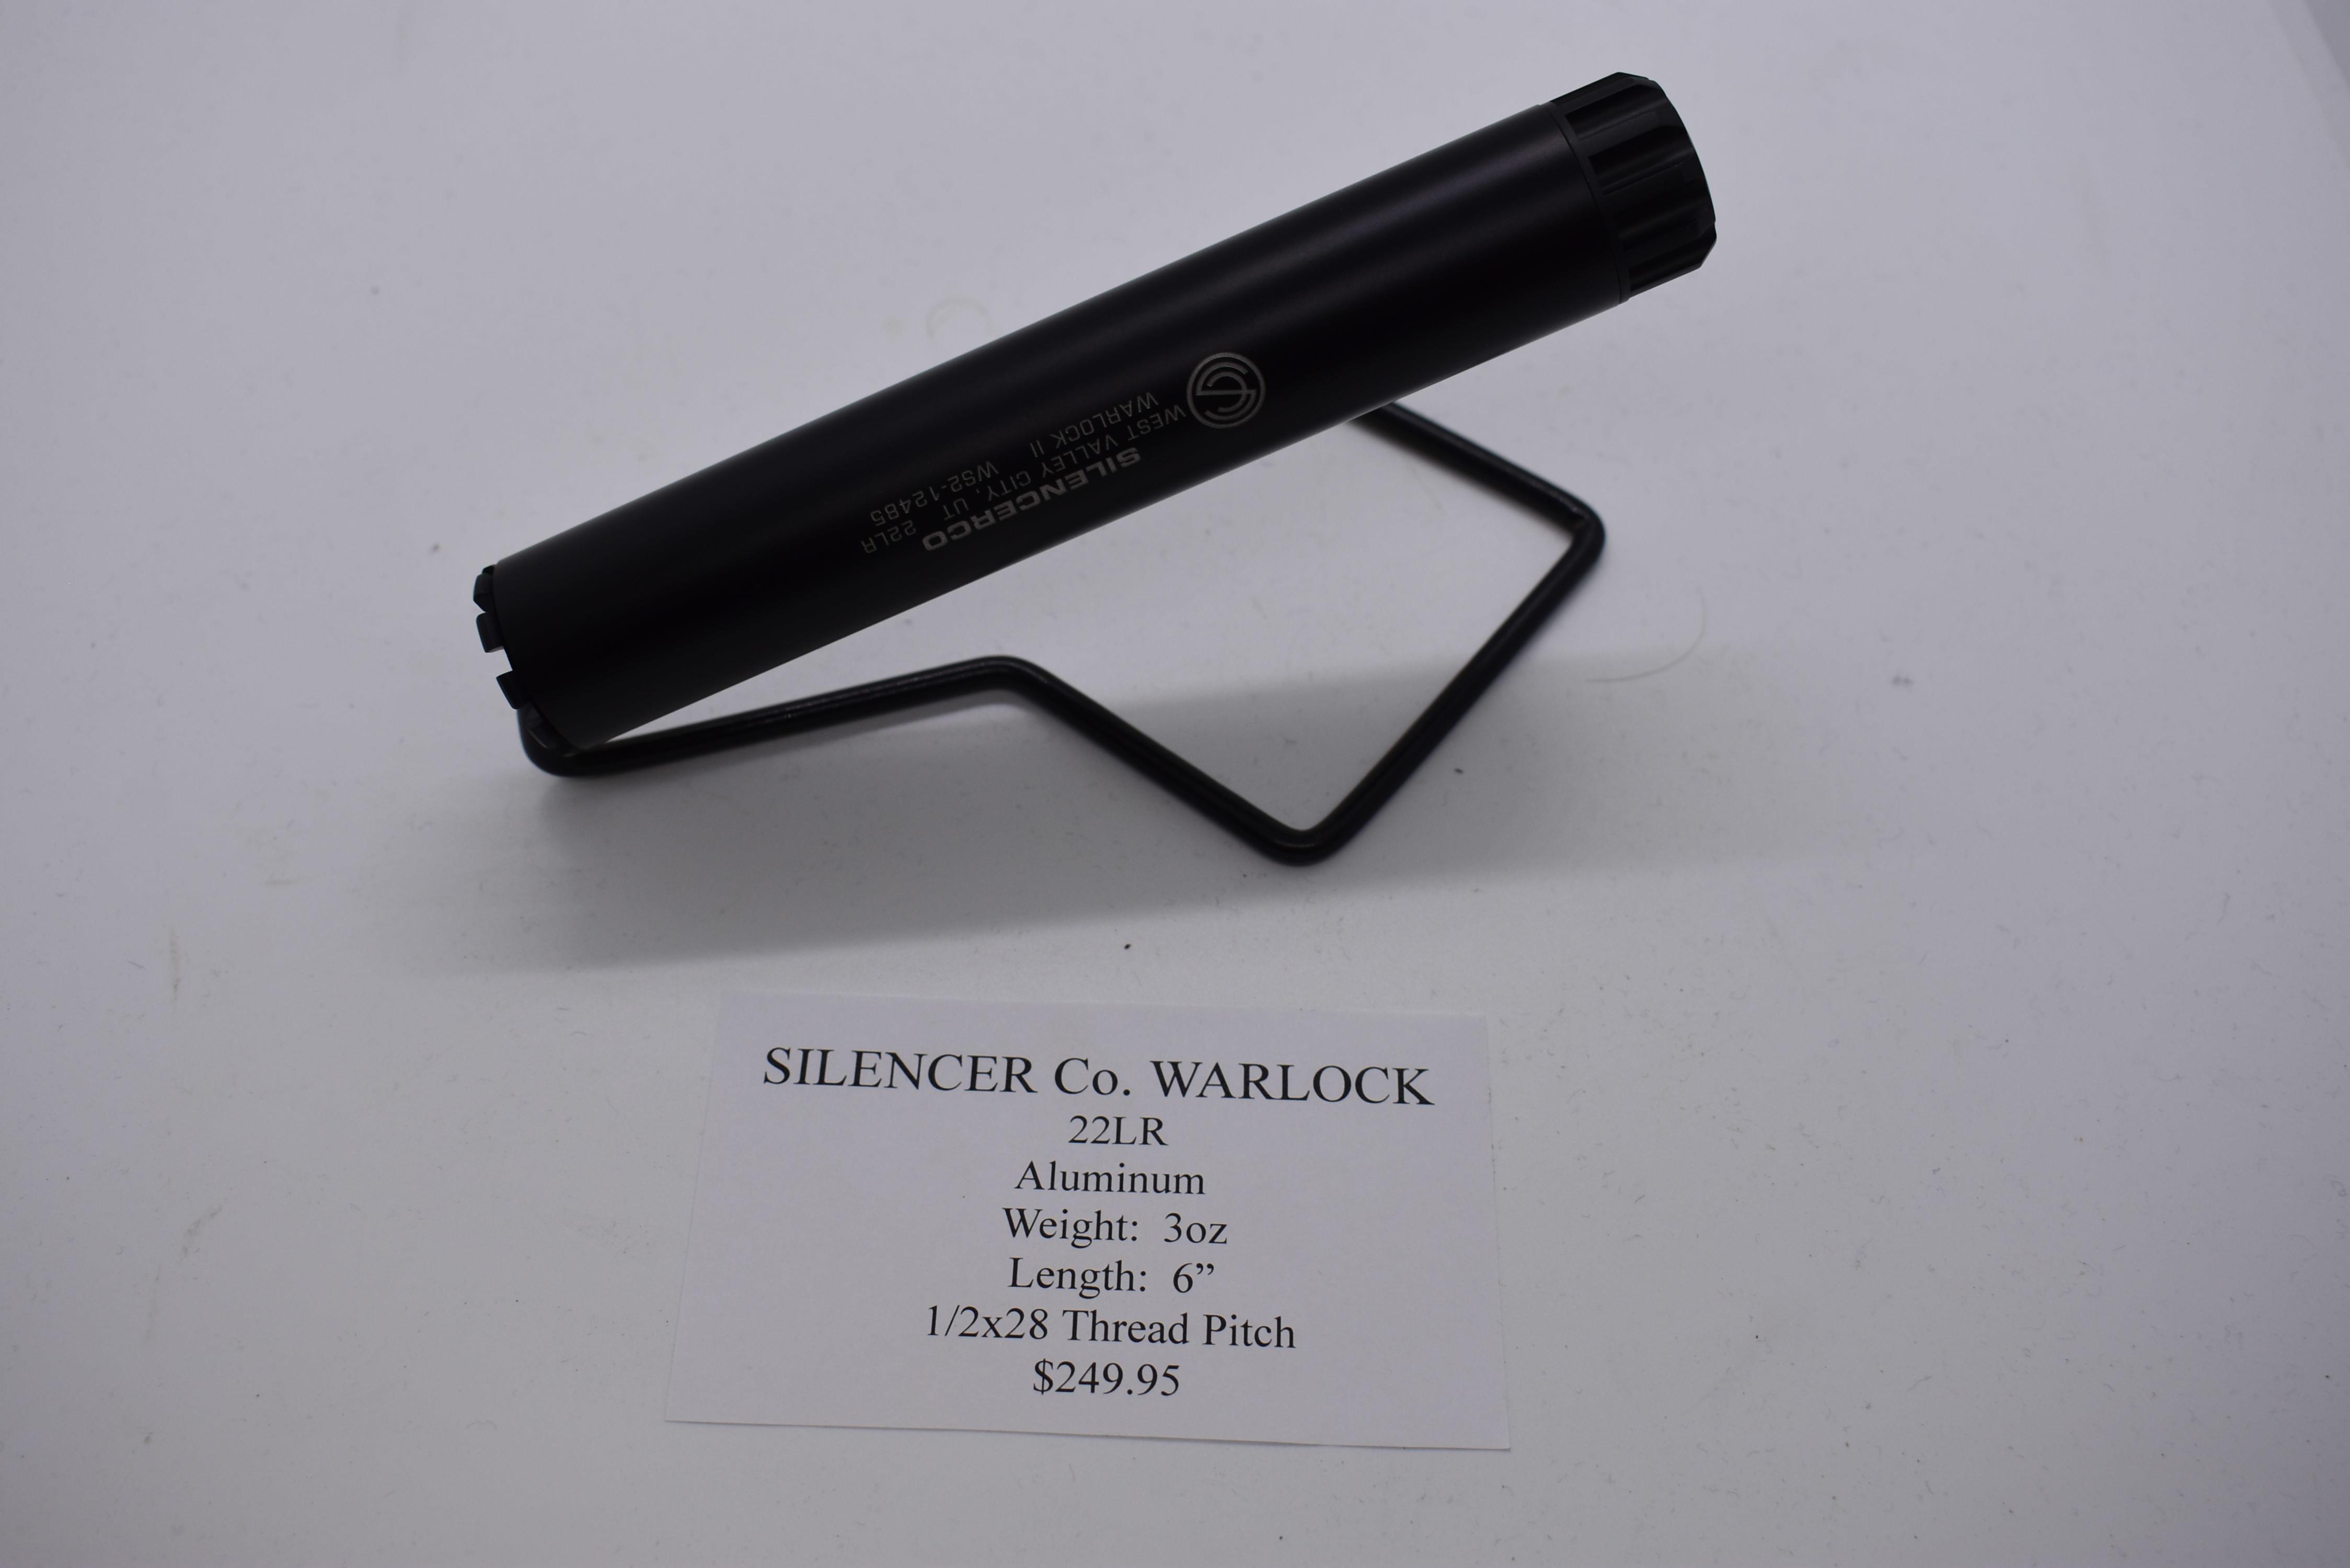 SILENCER CO - WARLOCK - SILENCER NFA